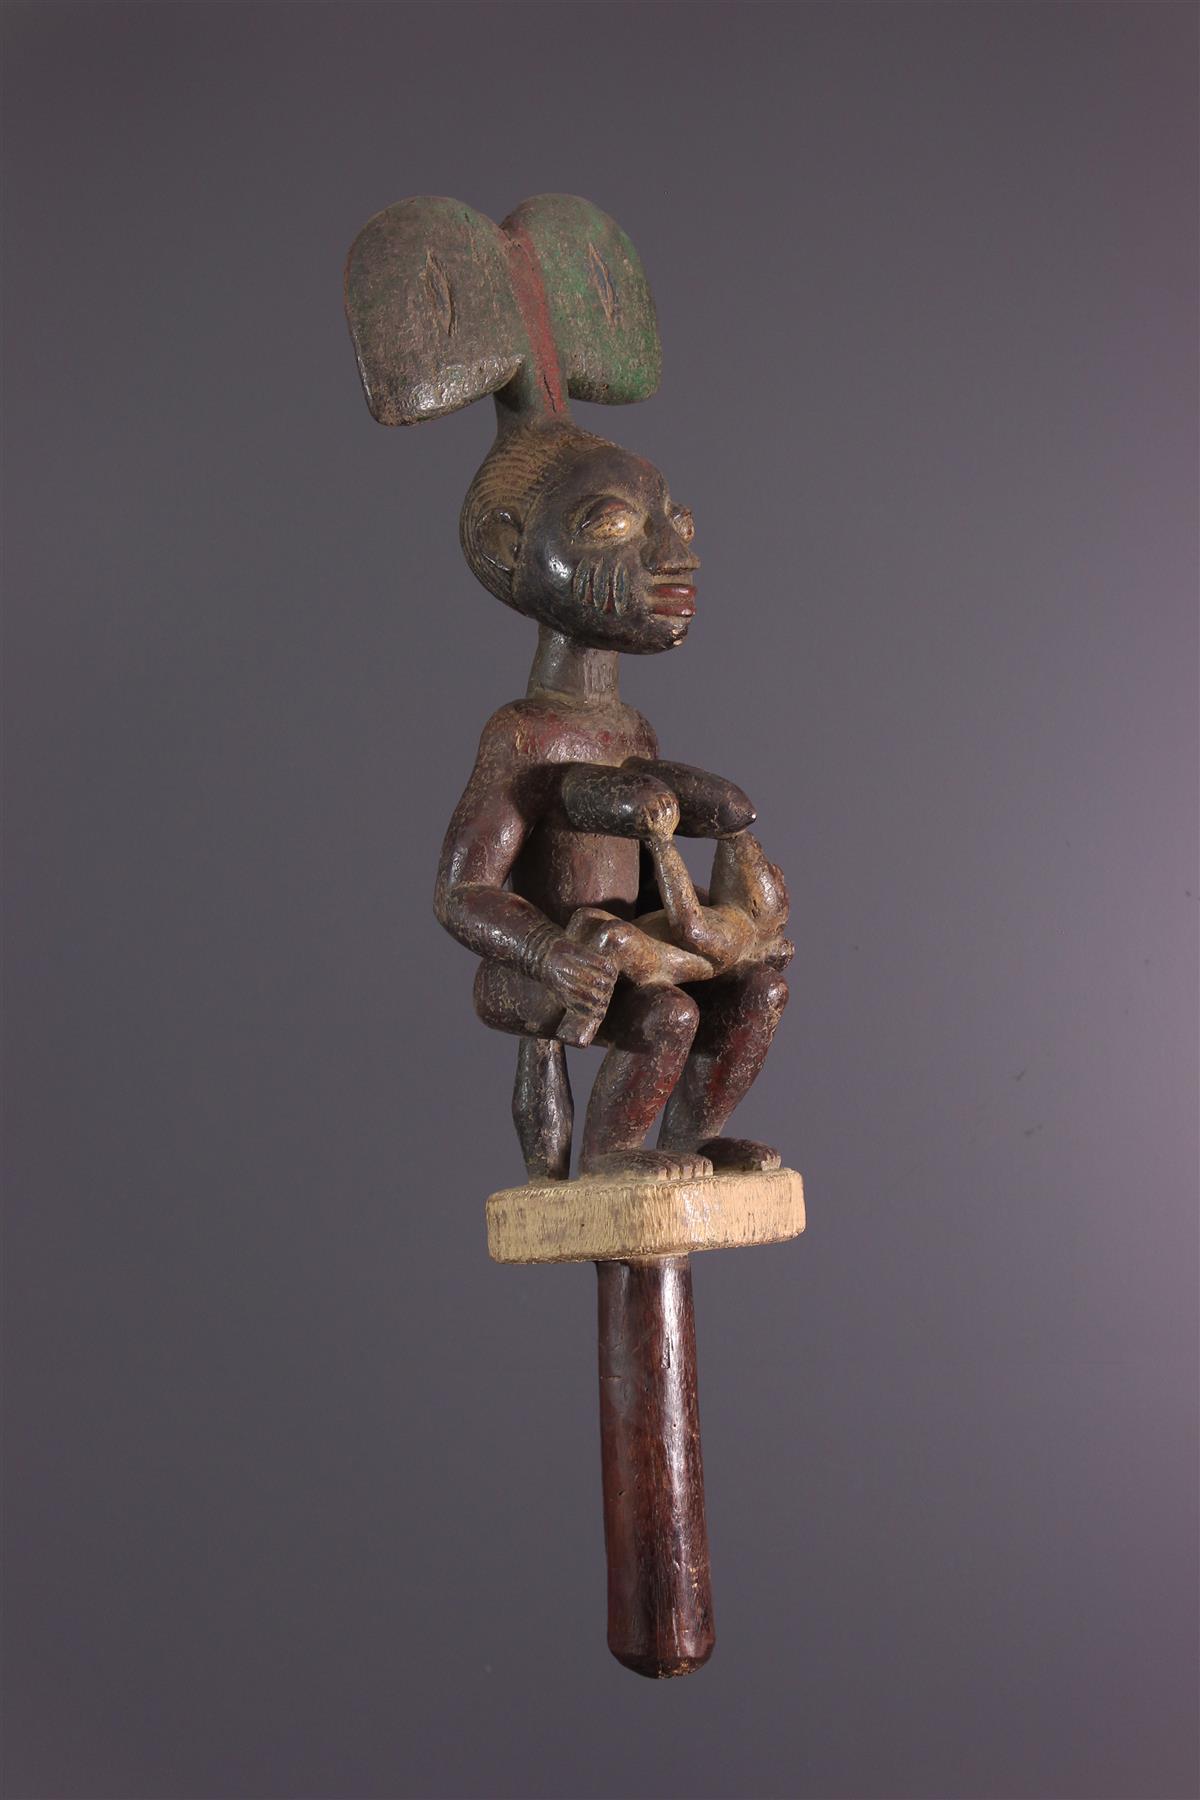 Yorouba Scepter - African art